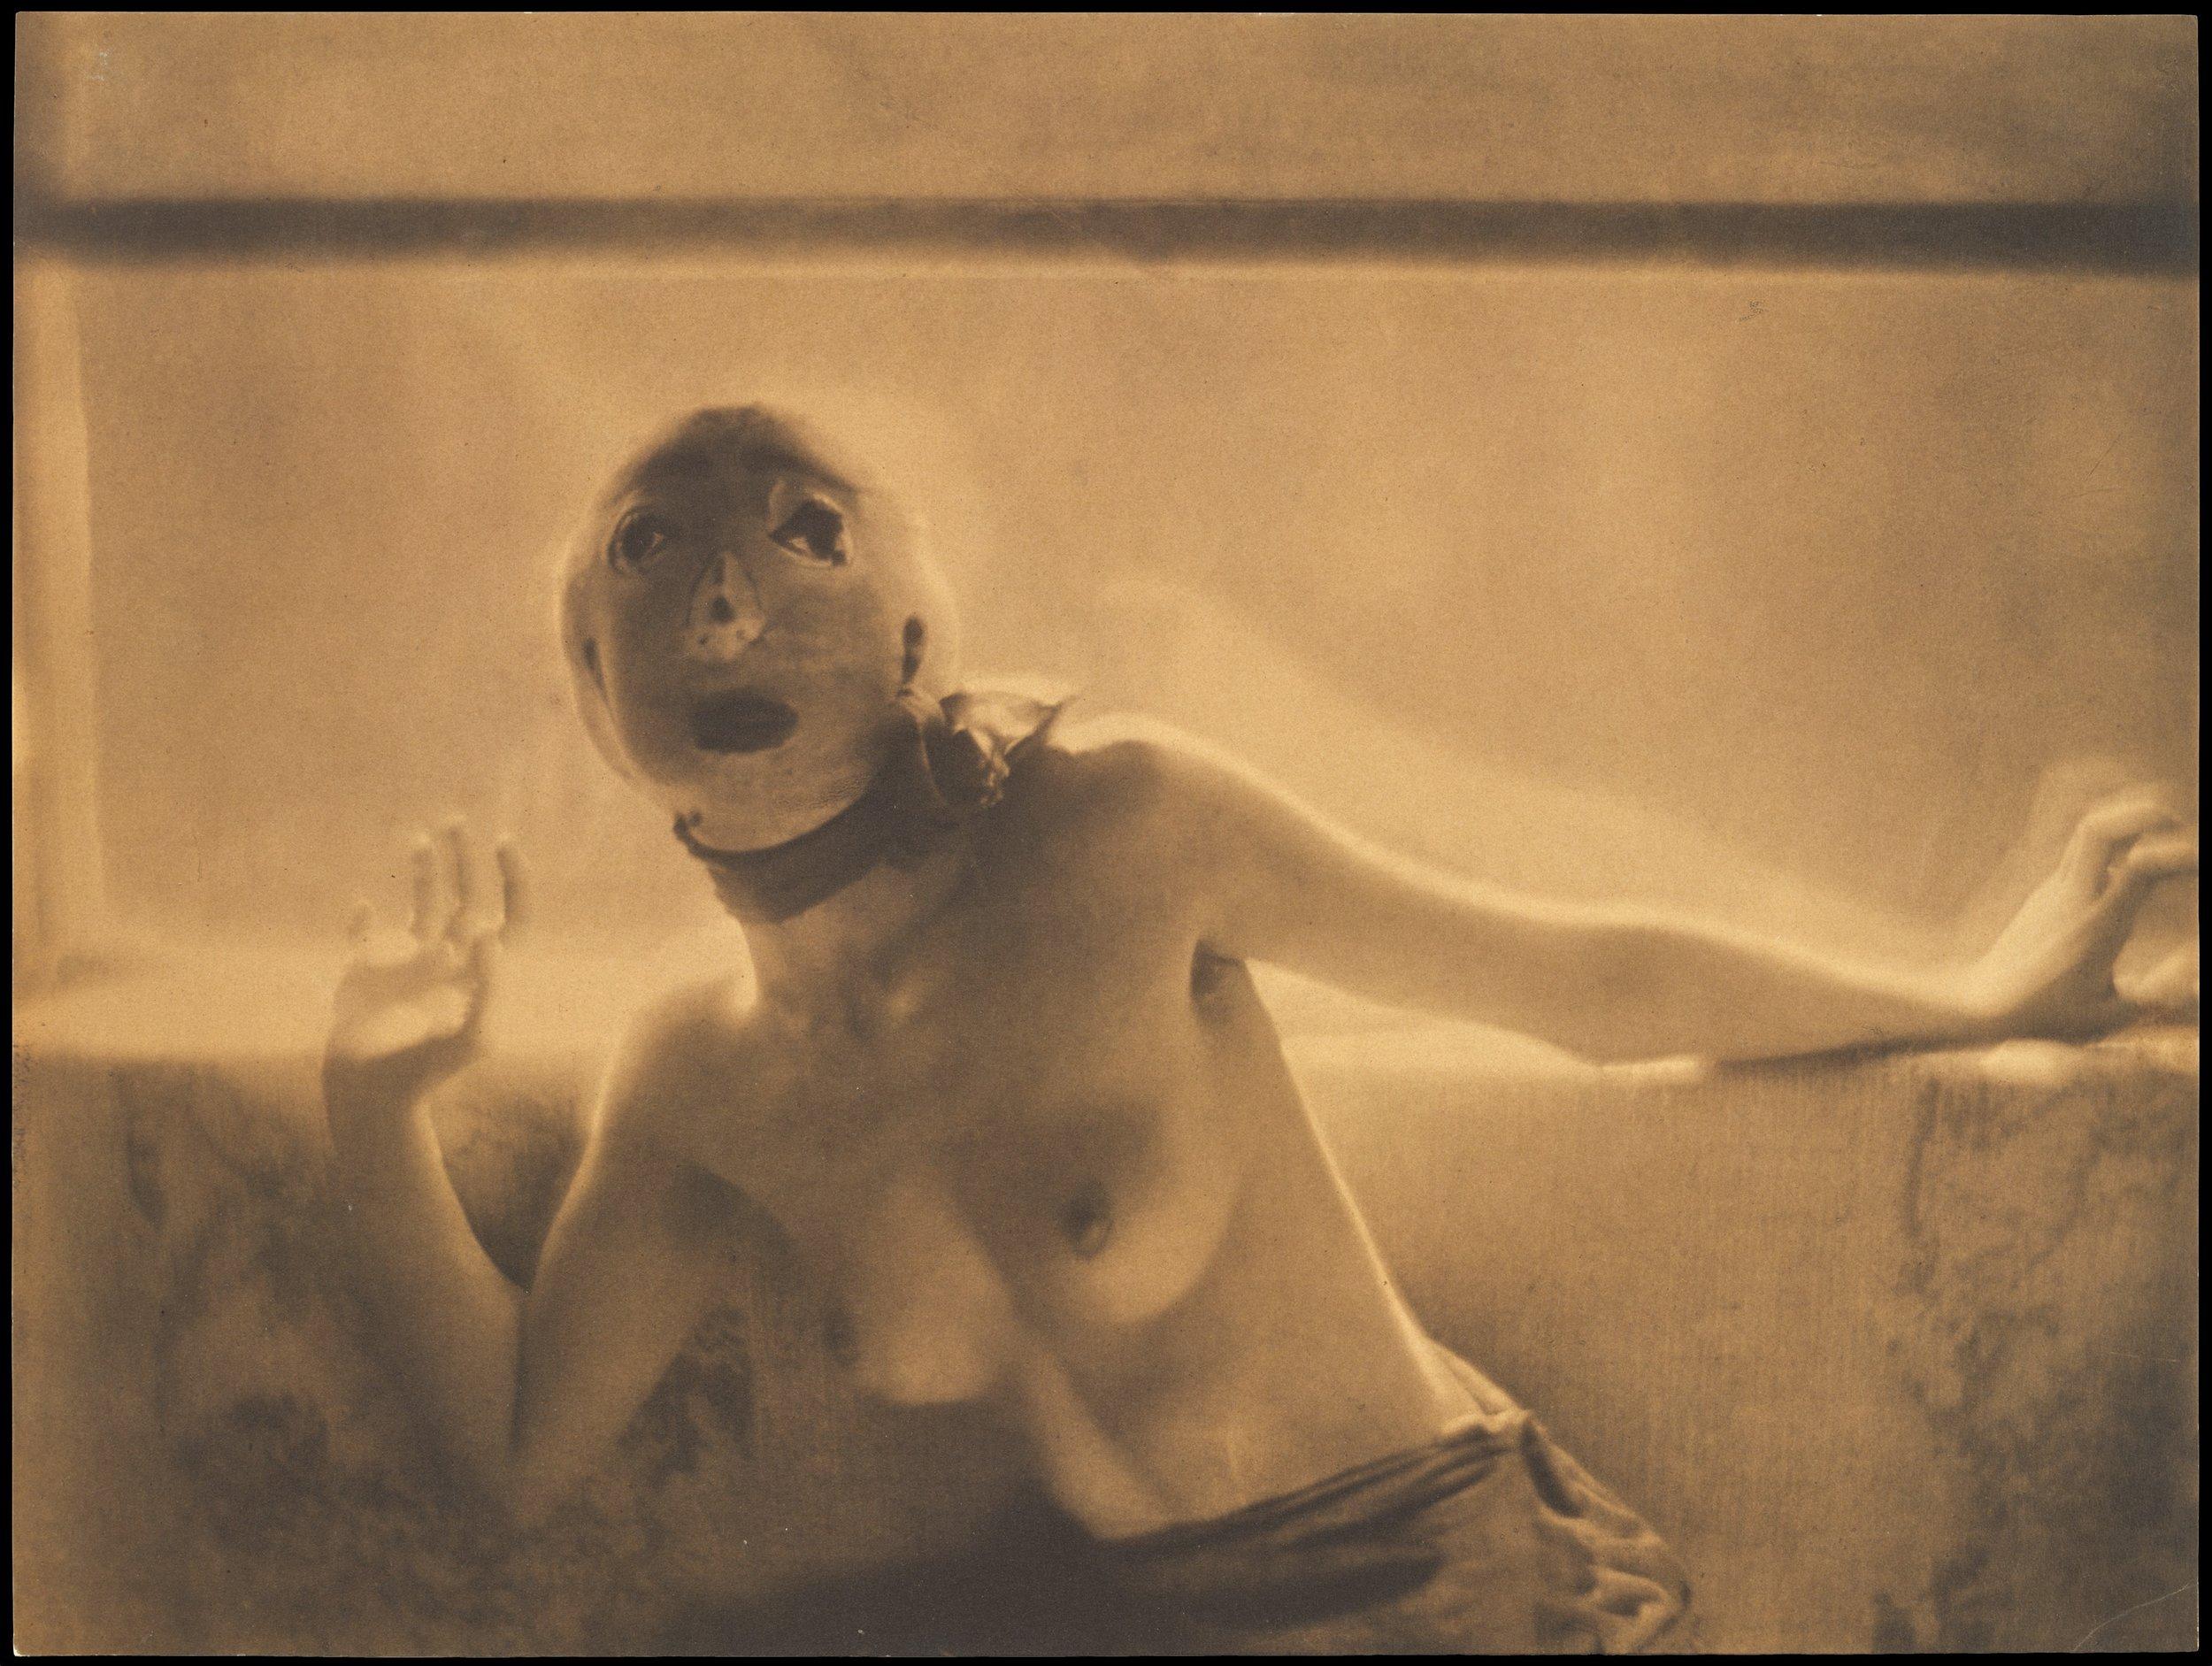 Adolph de Meyer (1868, Parigi) - Il Barone de Meyer, fotografo famoso per i suoi eleganti ritratti realizzati dall'inizio del XX secolo, aveva l'abitudine di romanzare le sue informazioni biografiche, inventando di volta in volta storie avventurose. Fu il primo fotografo di moda ufficiale per la rivista americana Vogue, nominato nel 1913. Tra il 1903 e il 1907 il suo lavoro fu pubblicato nel famoso periodico d'avanguardia